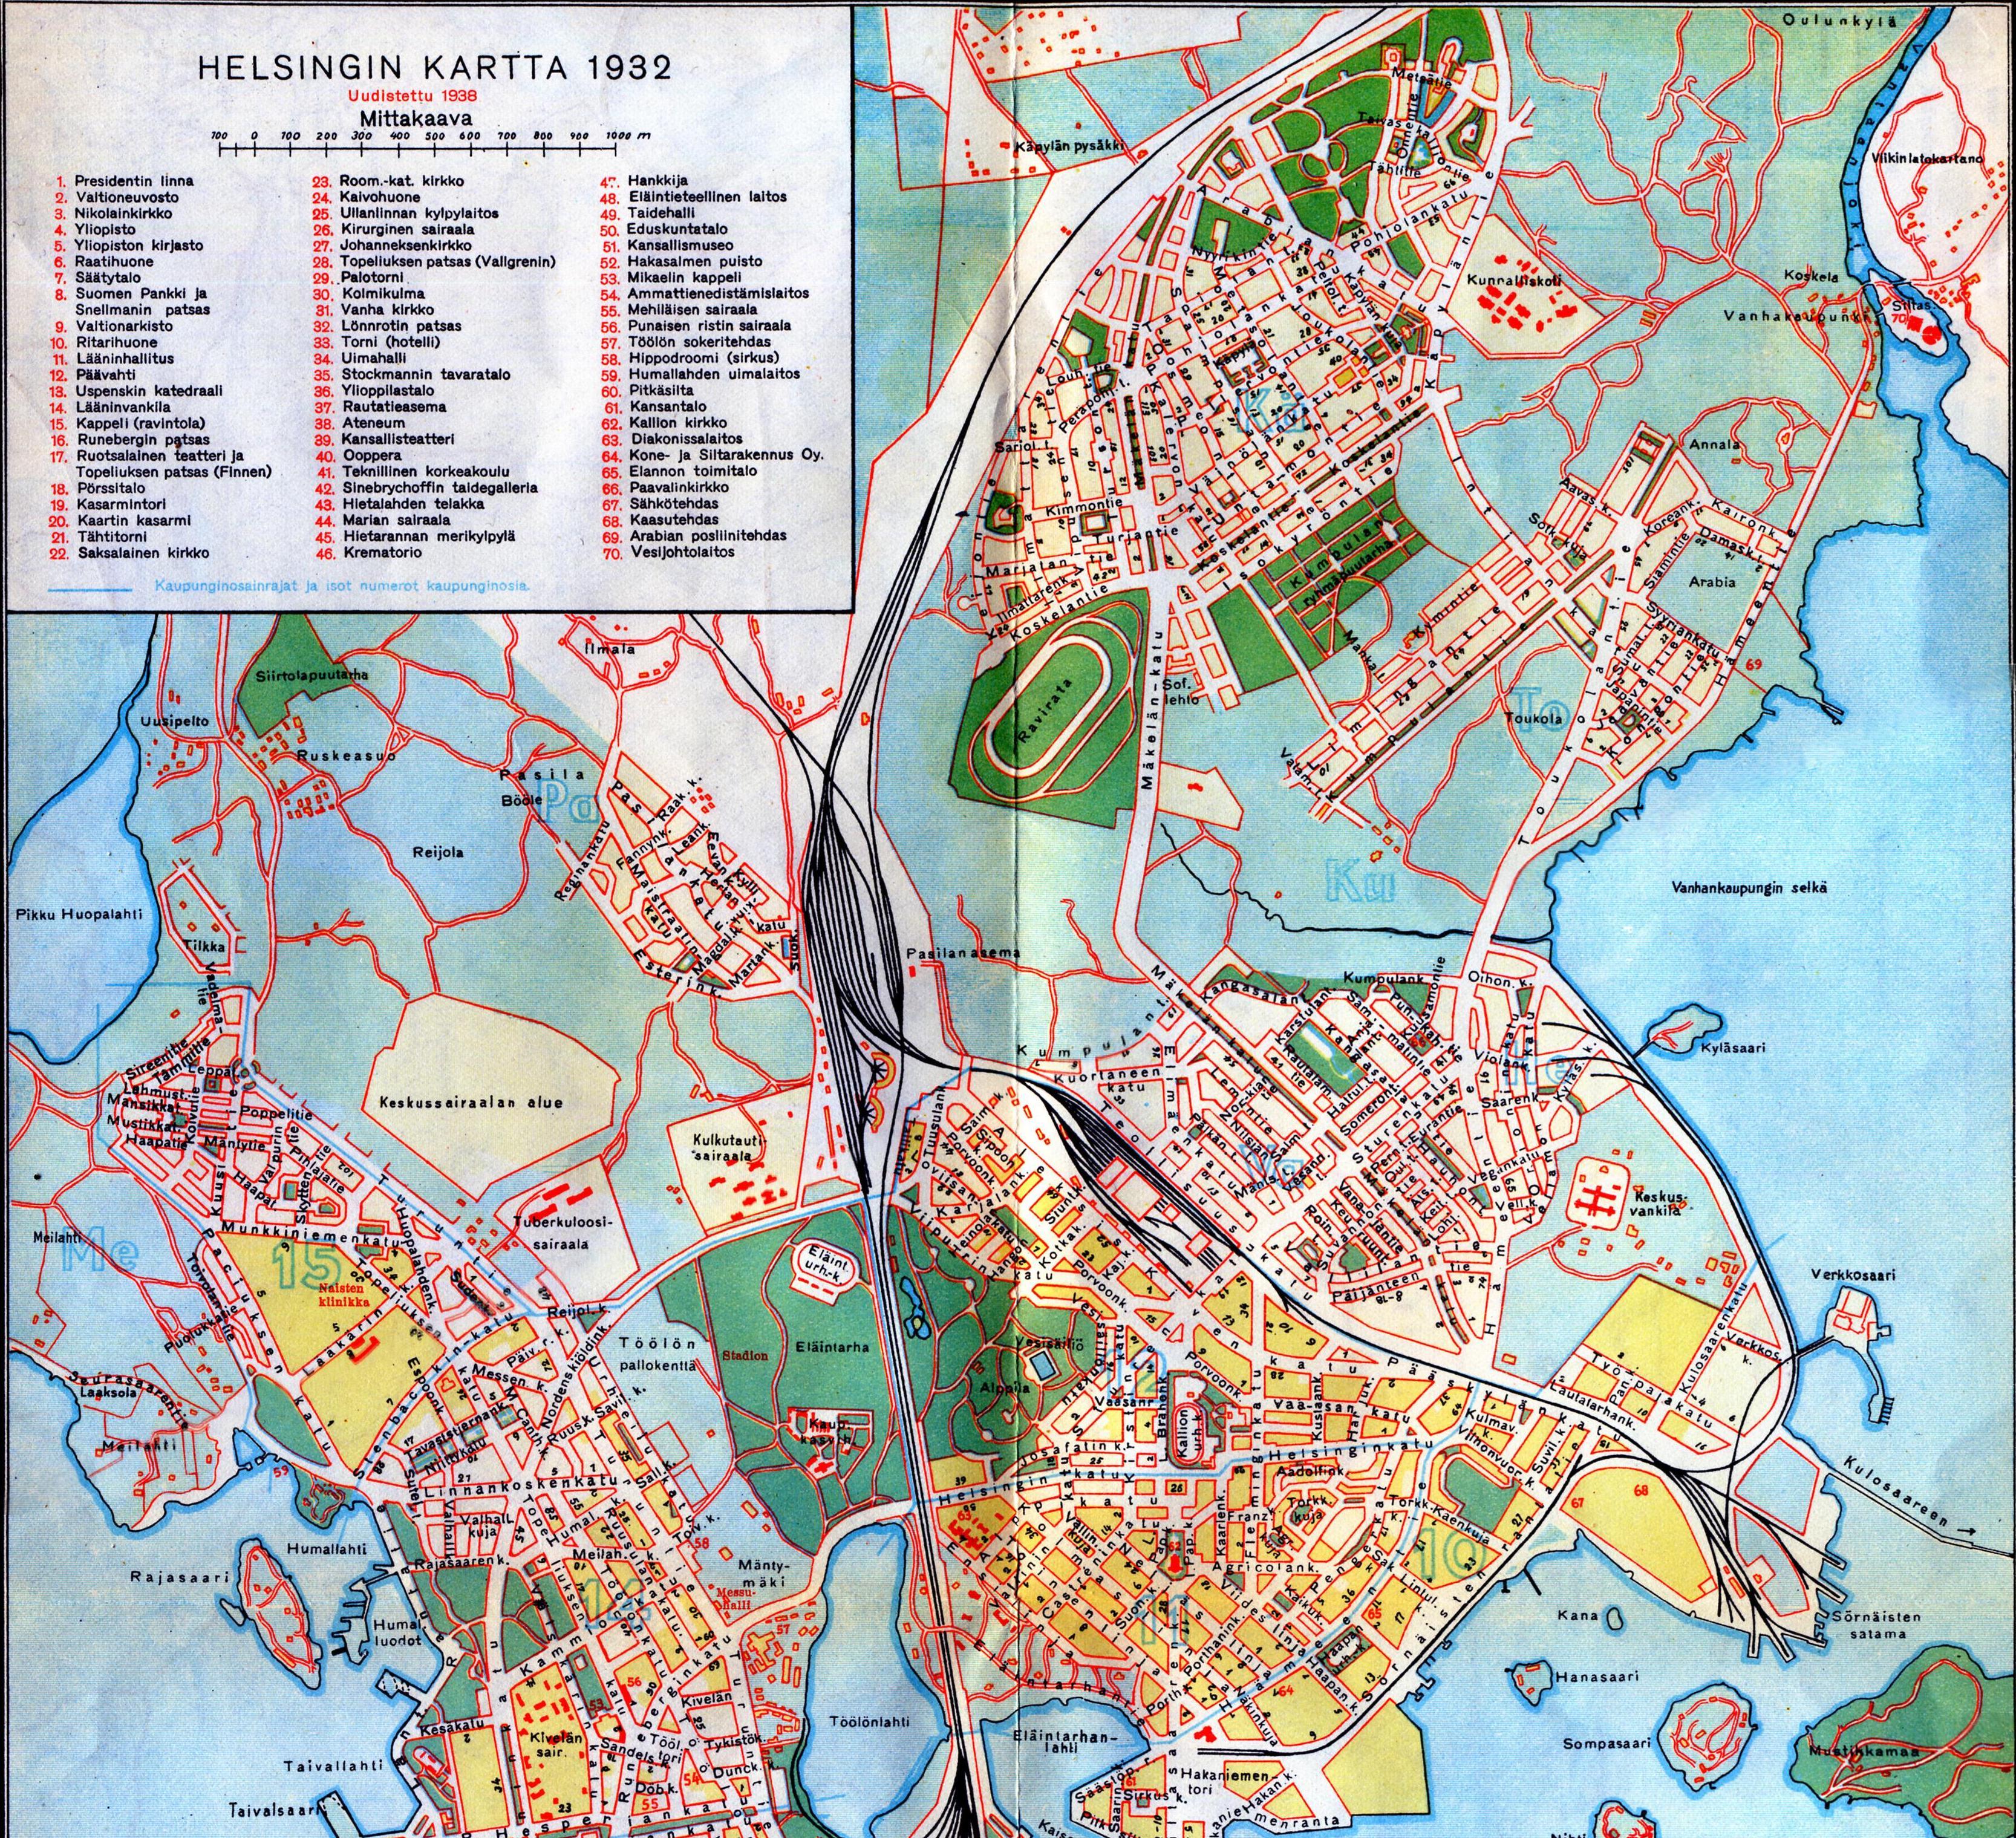 24280_Helsinkiki_1932_K_Yl08_122_193lo.jpg